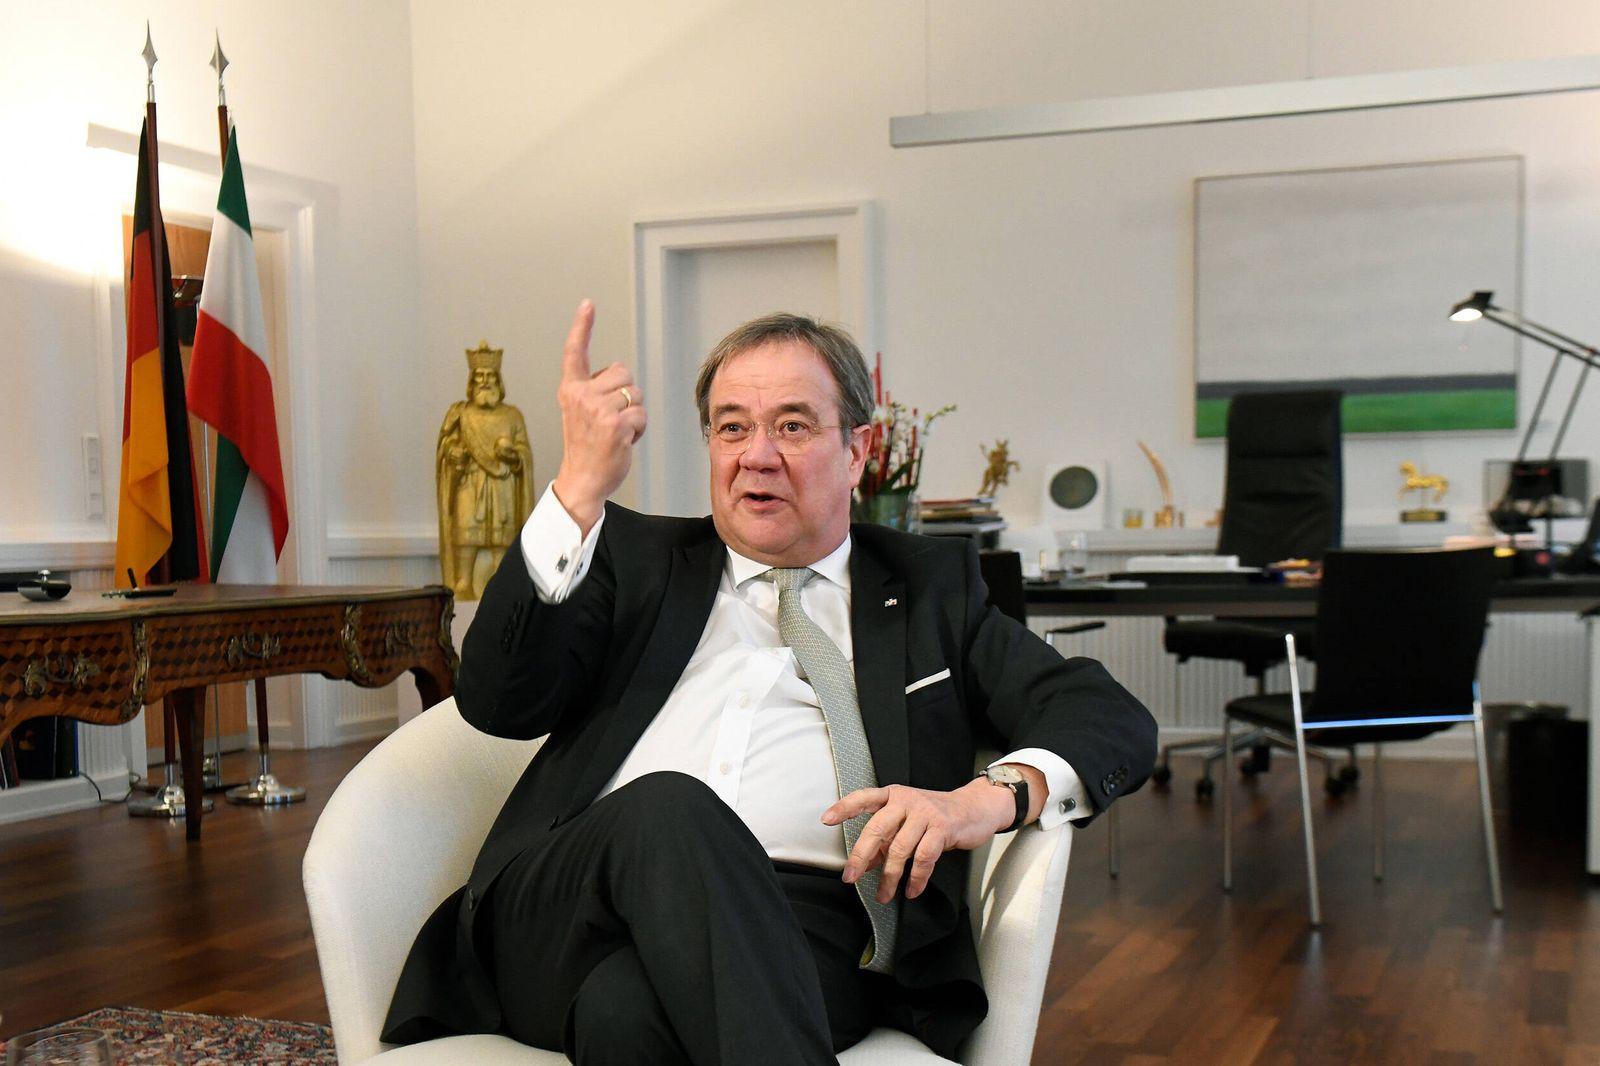 Deutschland, D¸sseldorf, 13.01.2020 NRW-Ministerpr?sident Laschet in der Staatskanzlei Foto: Armin Laschet (CDU), in sei